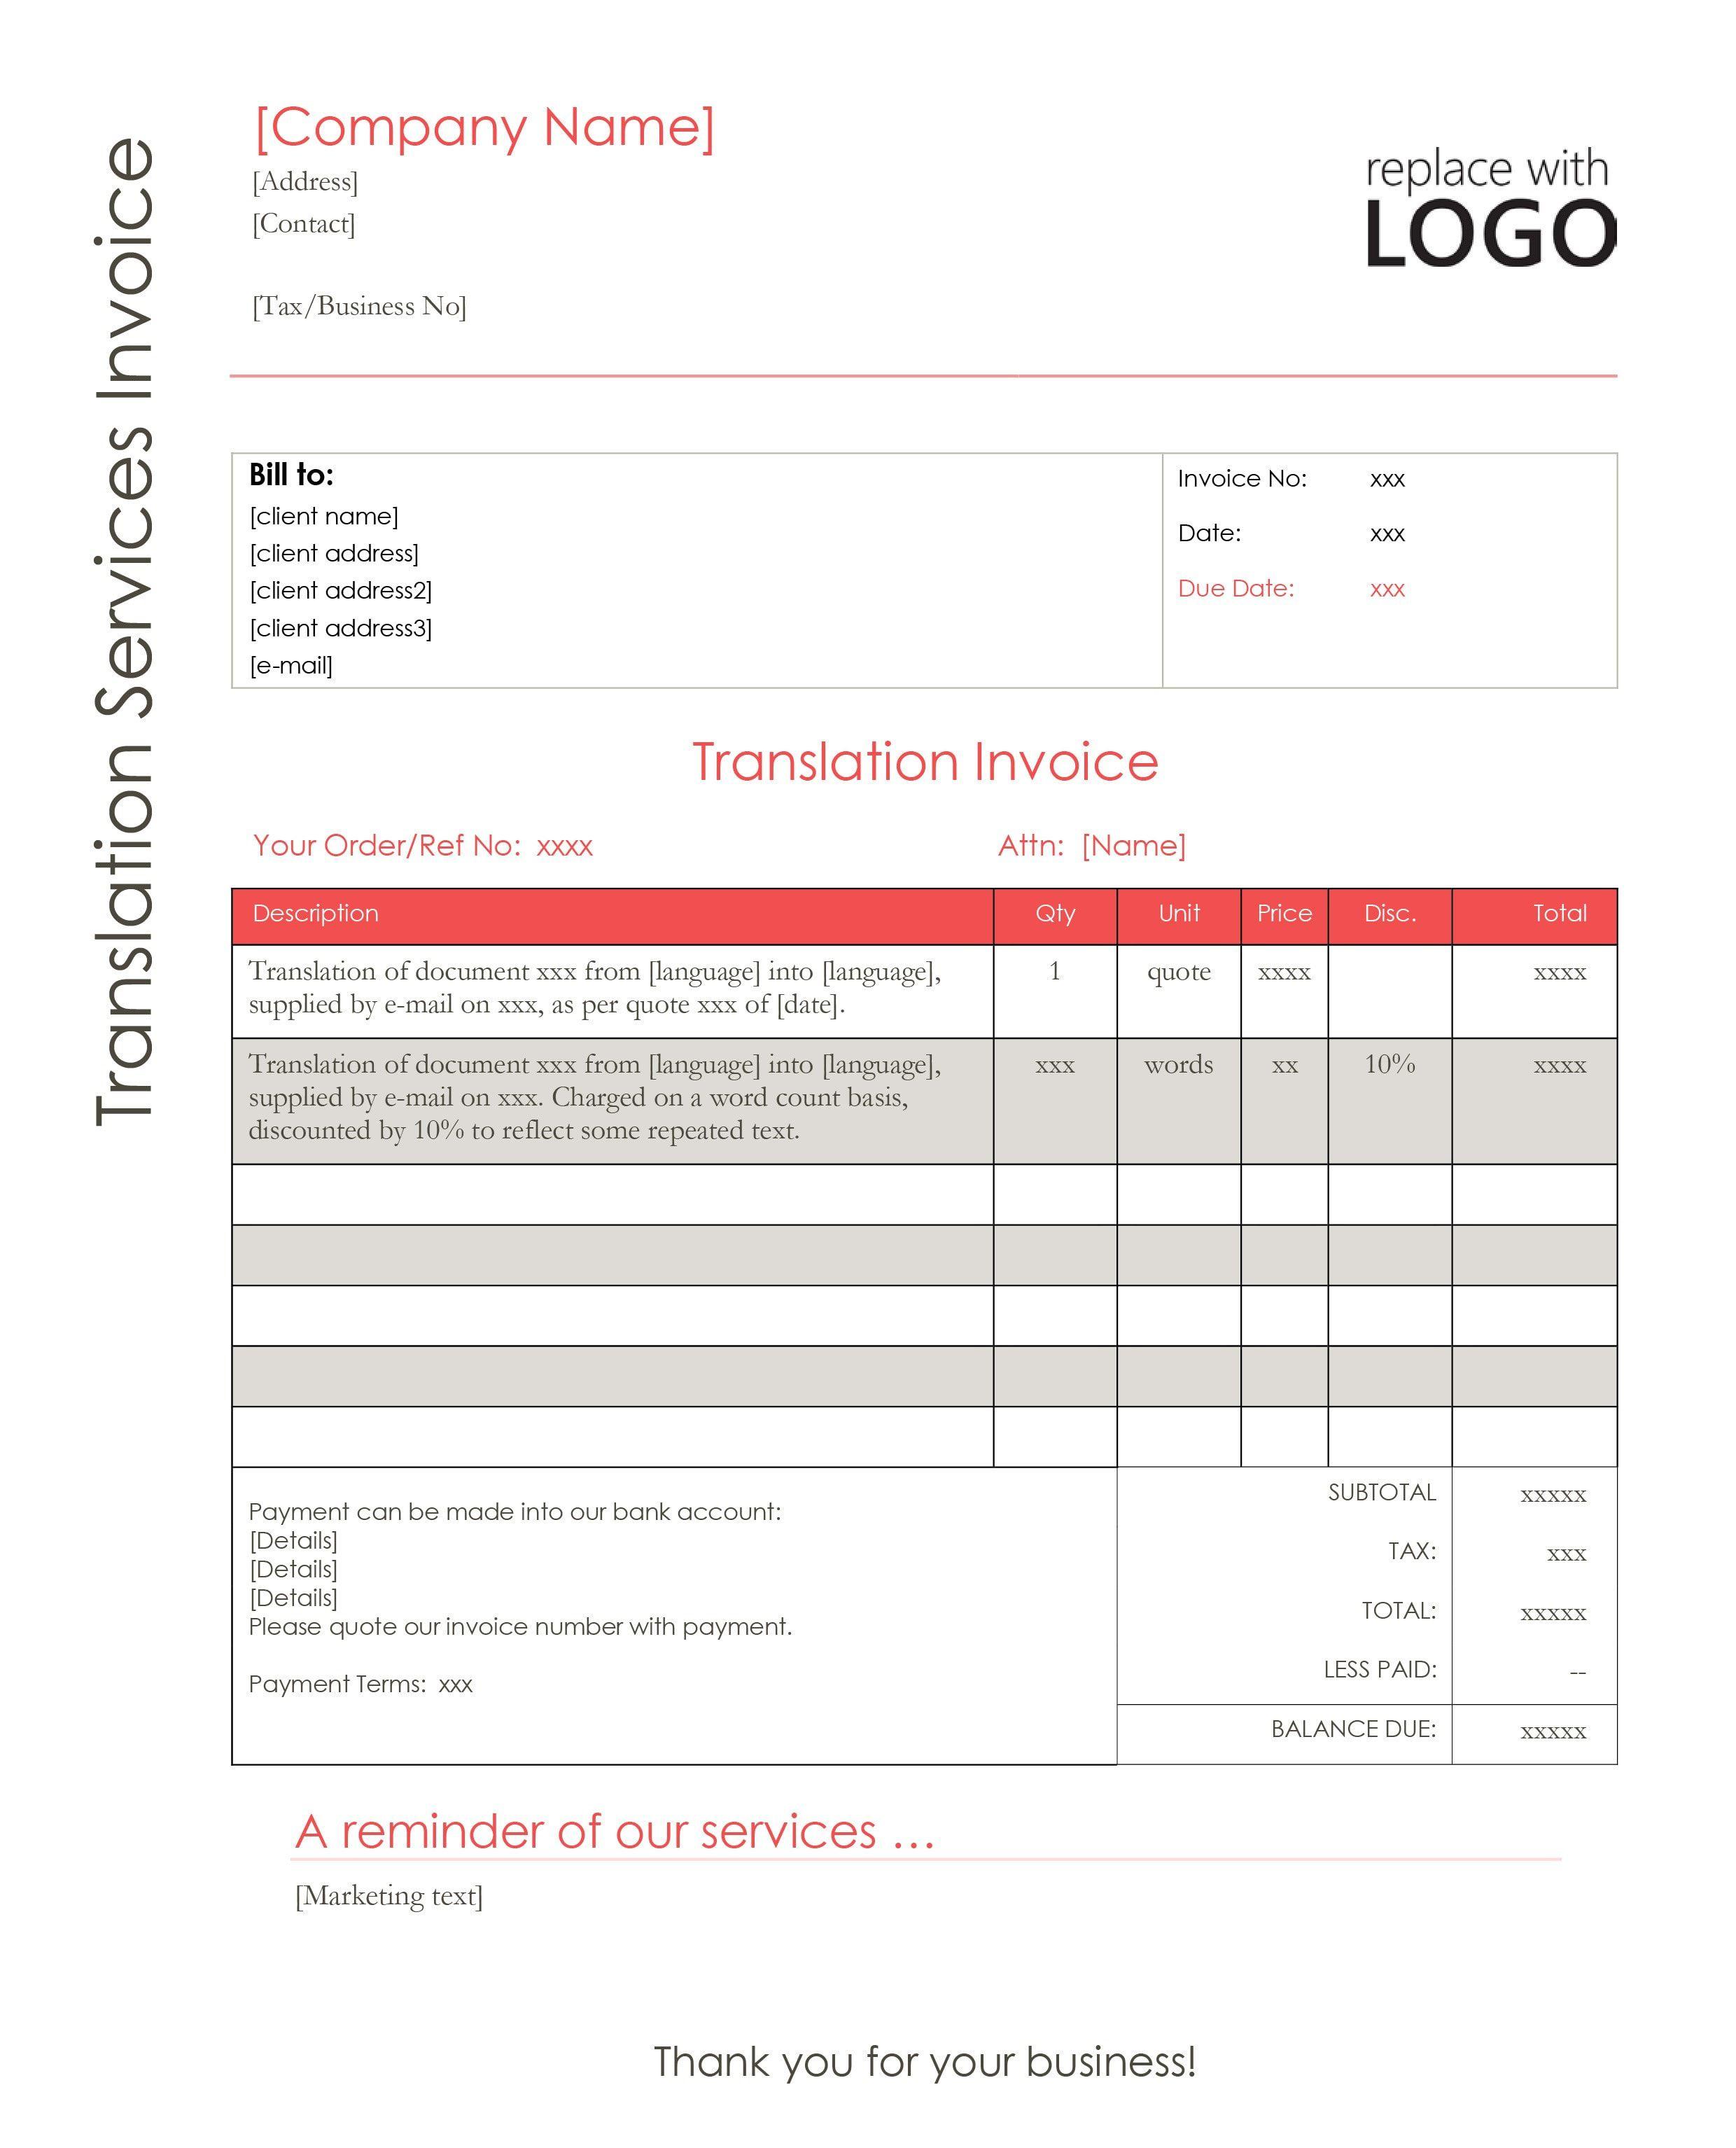 009 Impressive Self Employed Invoice Template Uk Pdf Image Full